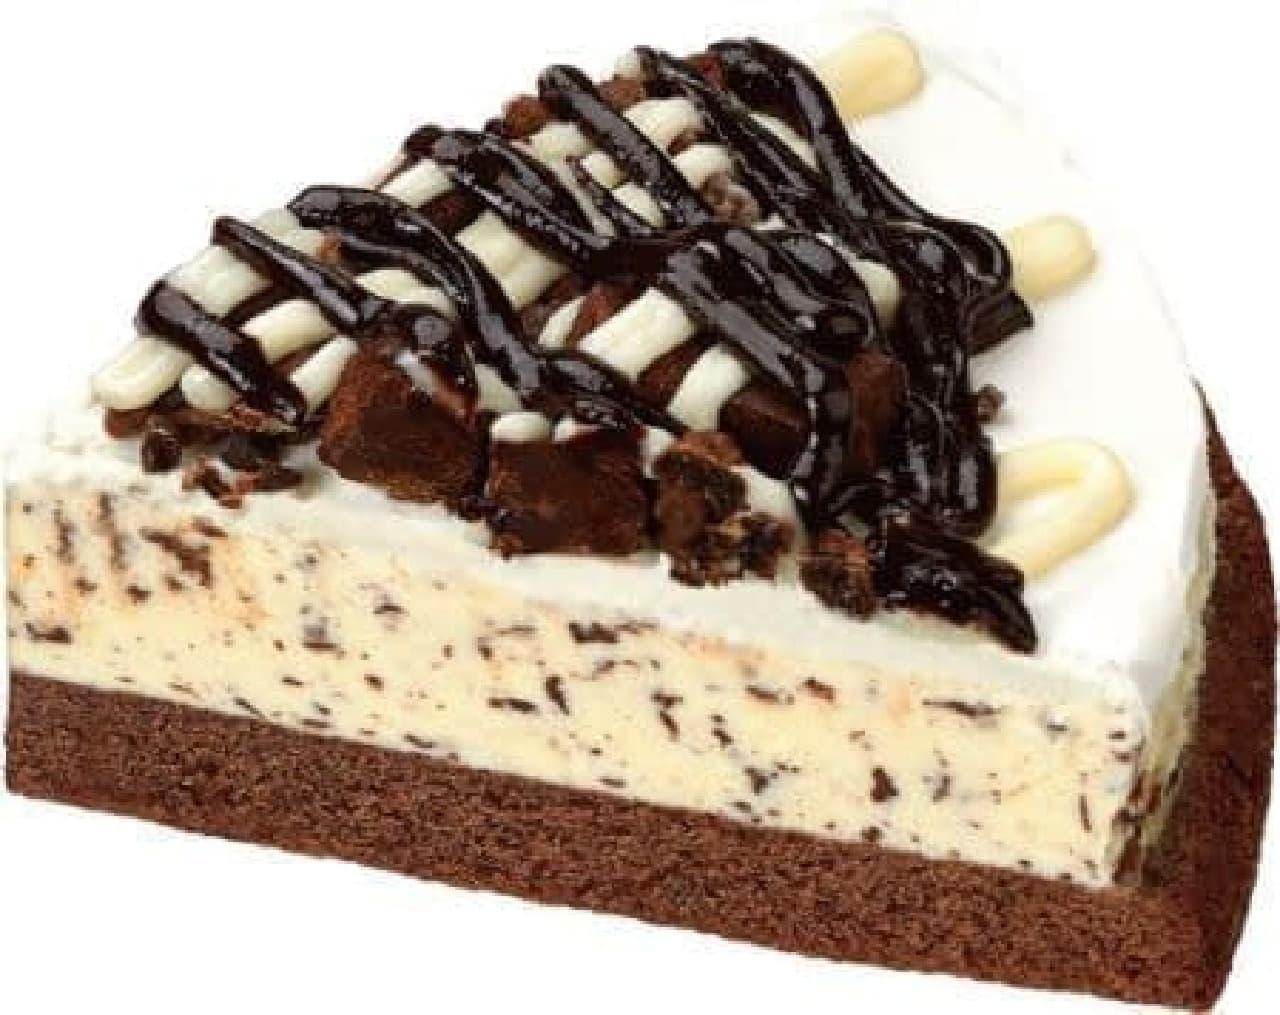 「ダブルチョコレート」は、ブラウニー生地にチョコチップアイスとホイップがまんべんなく敷きつめられたアイスピザ